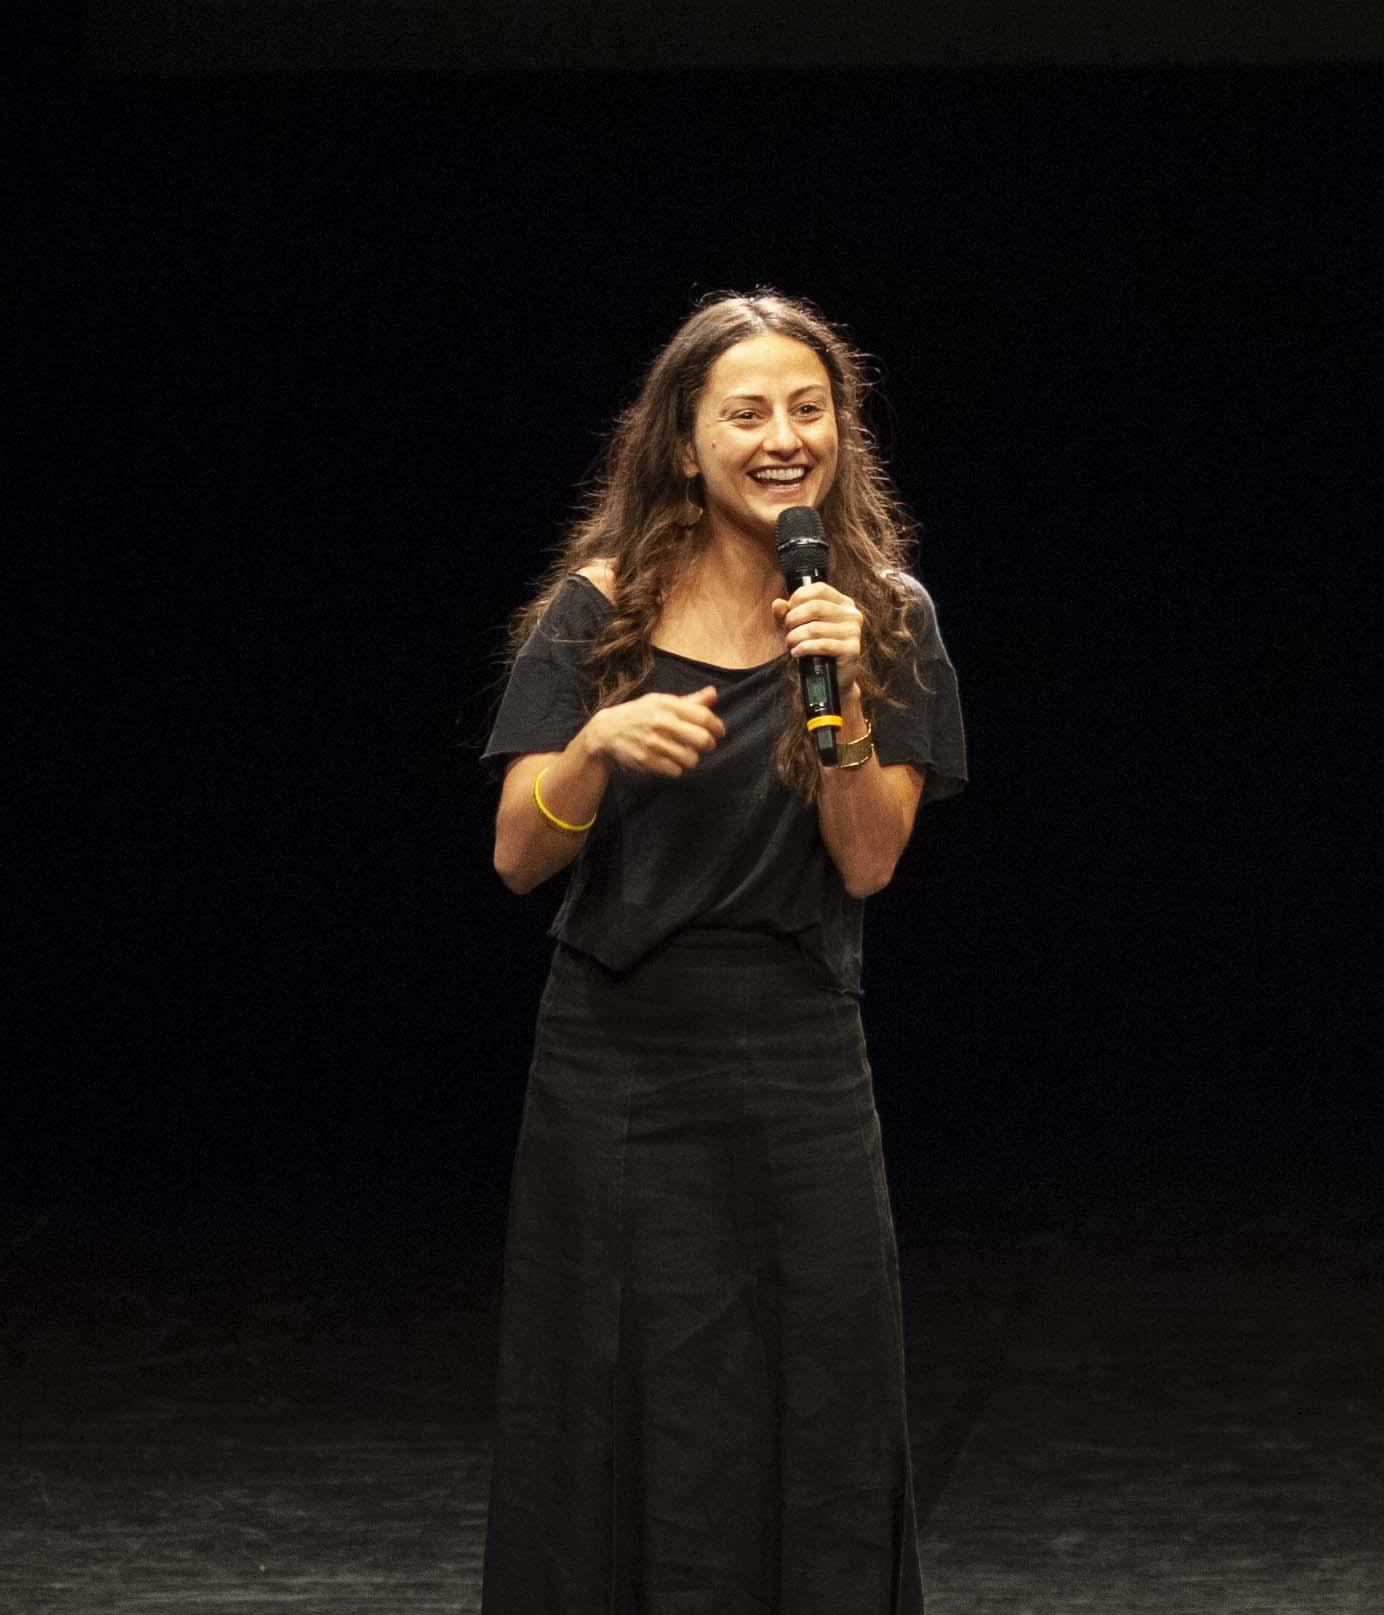 Premio Hystrio 2019 Altre Muse_Marta Cuscunà 1_ph Gabriele Lopez